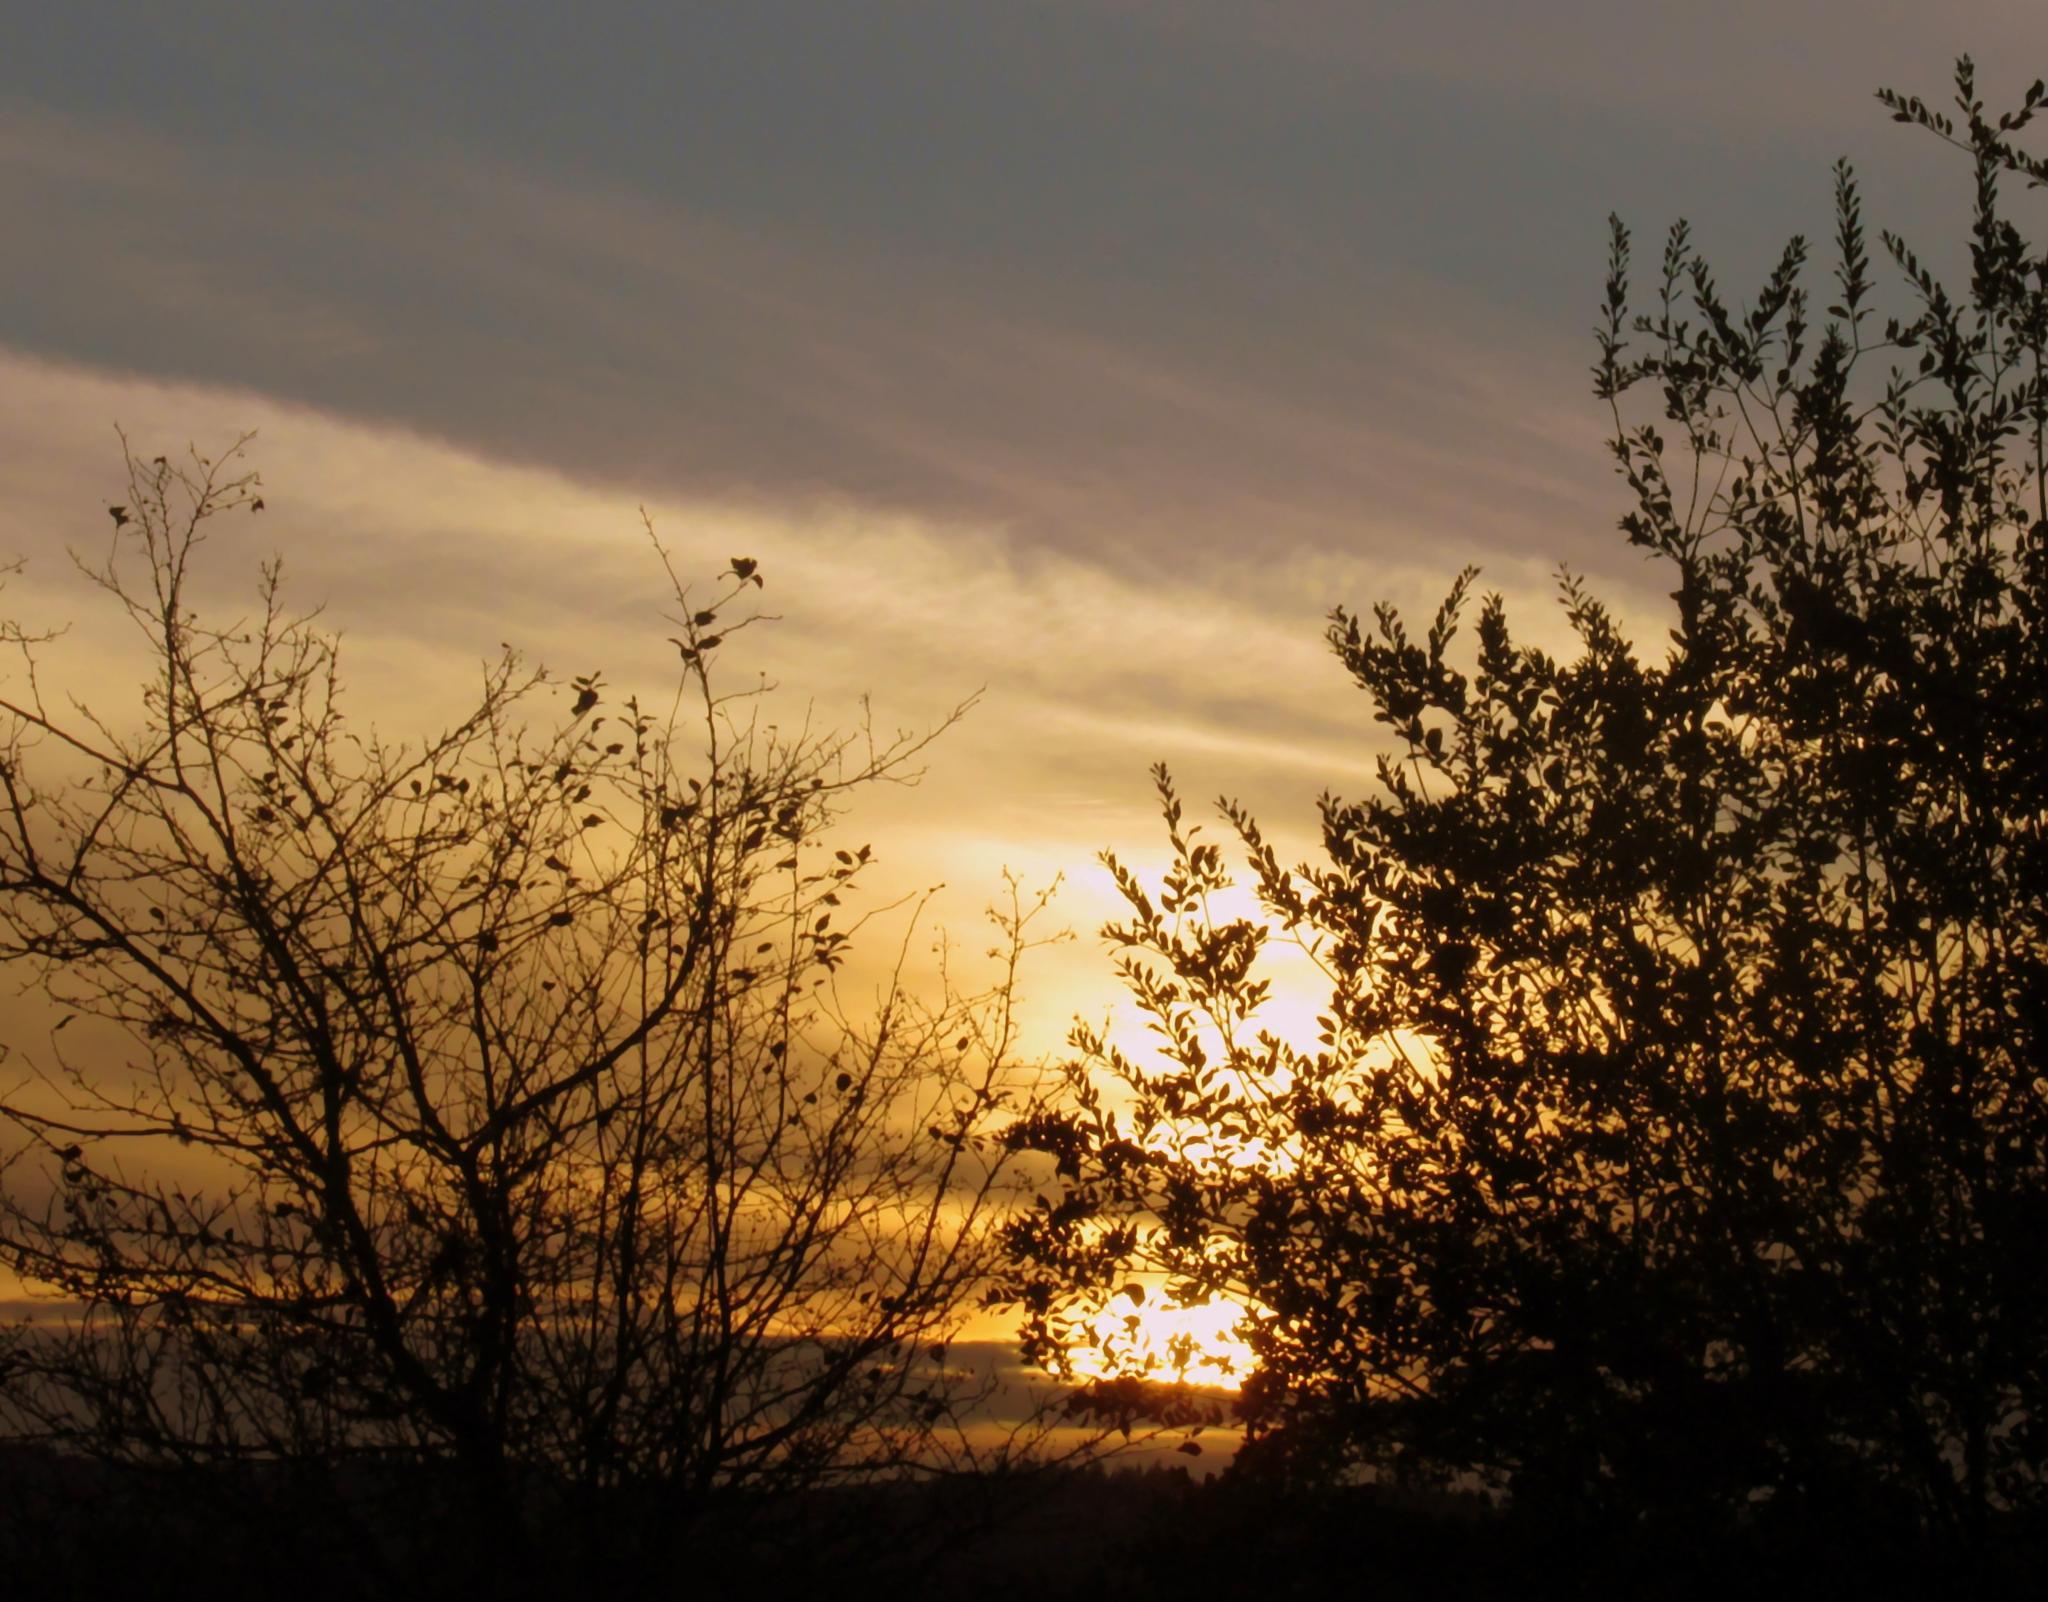 Sunset by karmel